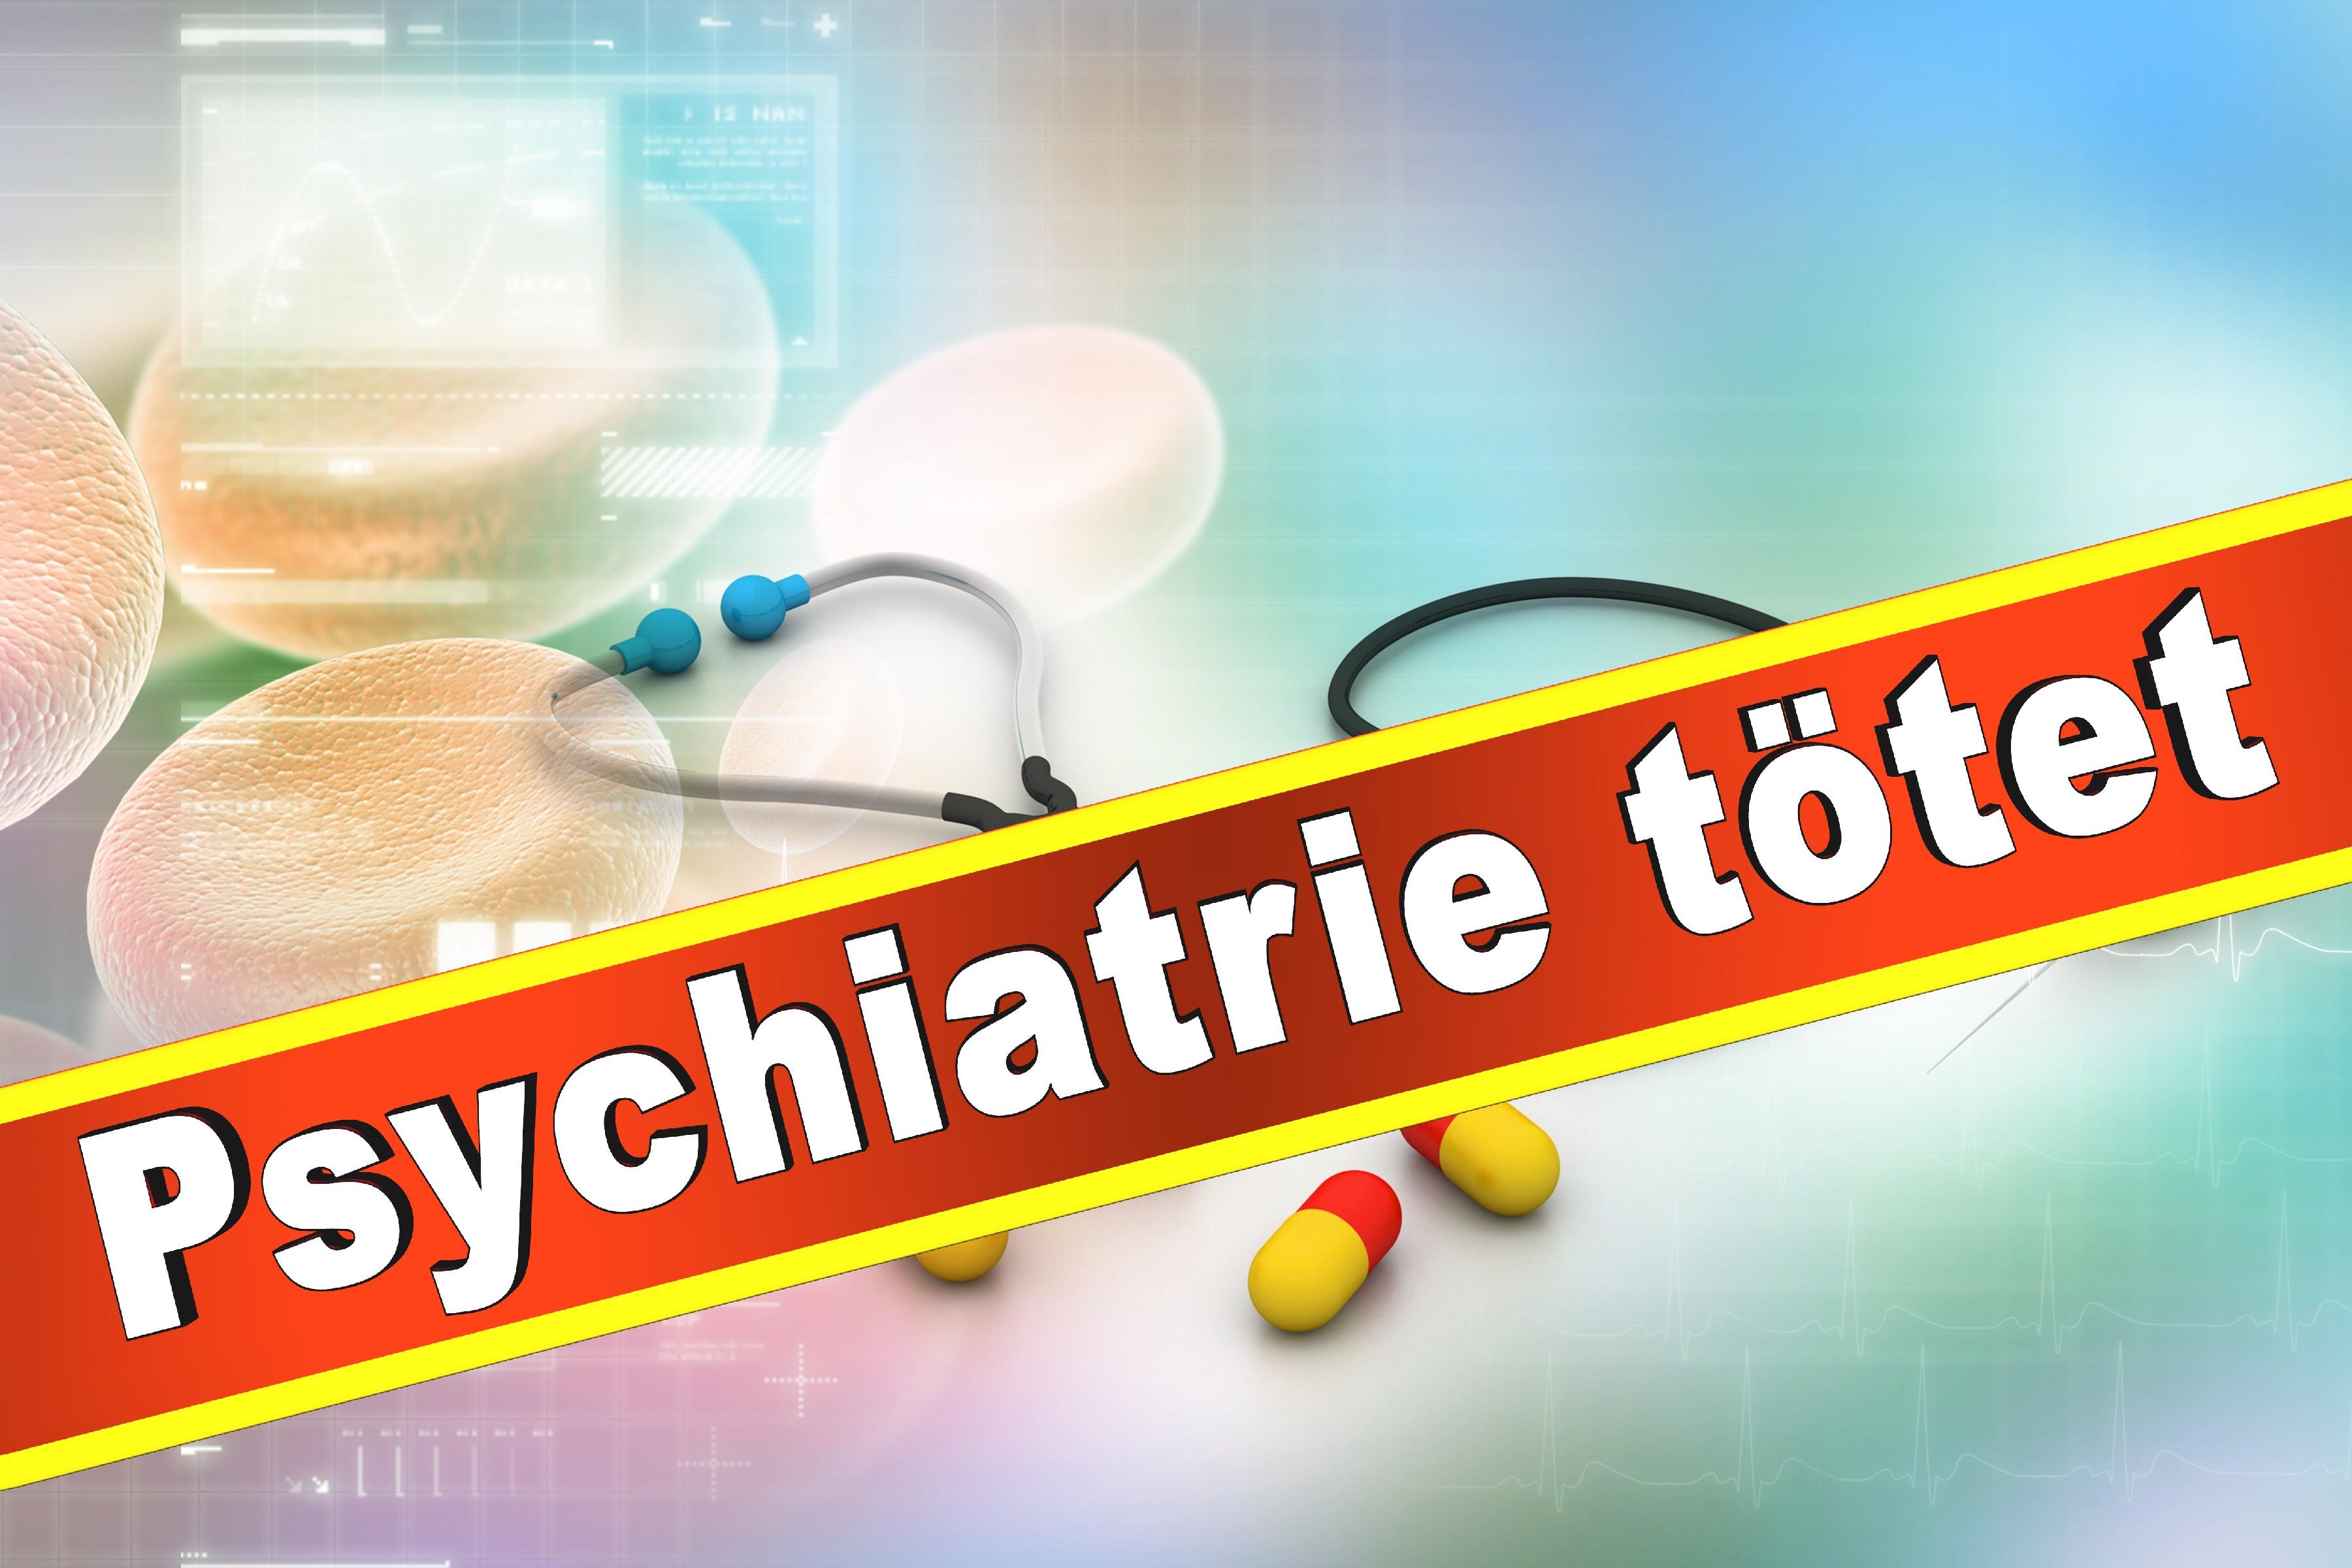 Wielant Machleidt Psychiater Psychotherapeut Professor Praxis Der Interkulturellen Psychiatrie Und Psychotherapie Medizinische Hochschule Hannover Klinik Für Psychiatrie Sozialpsychiatrie (20)